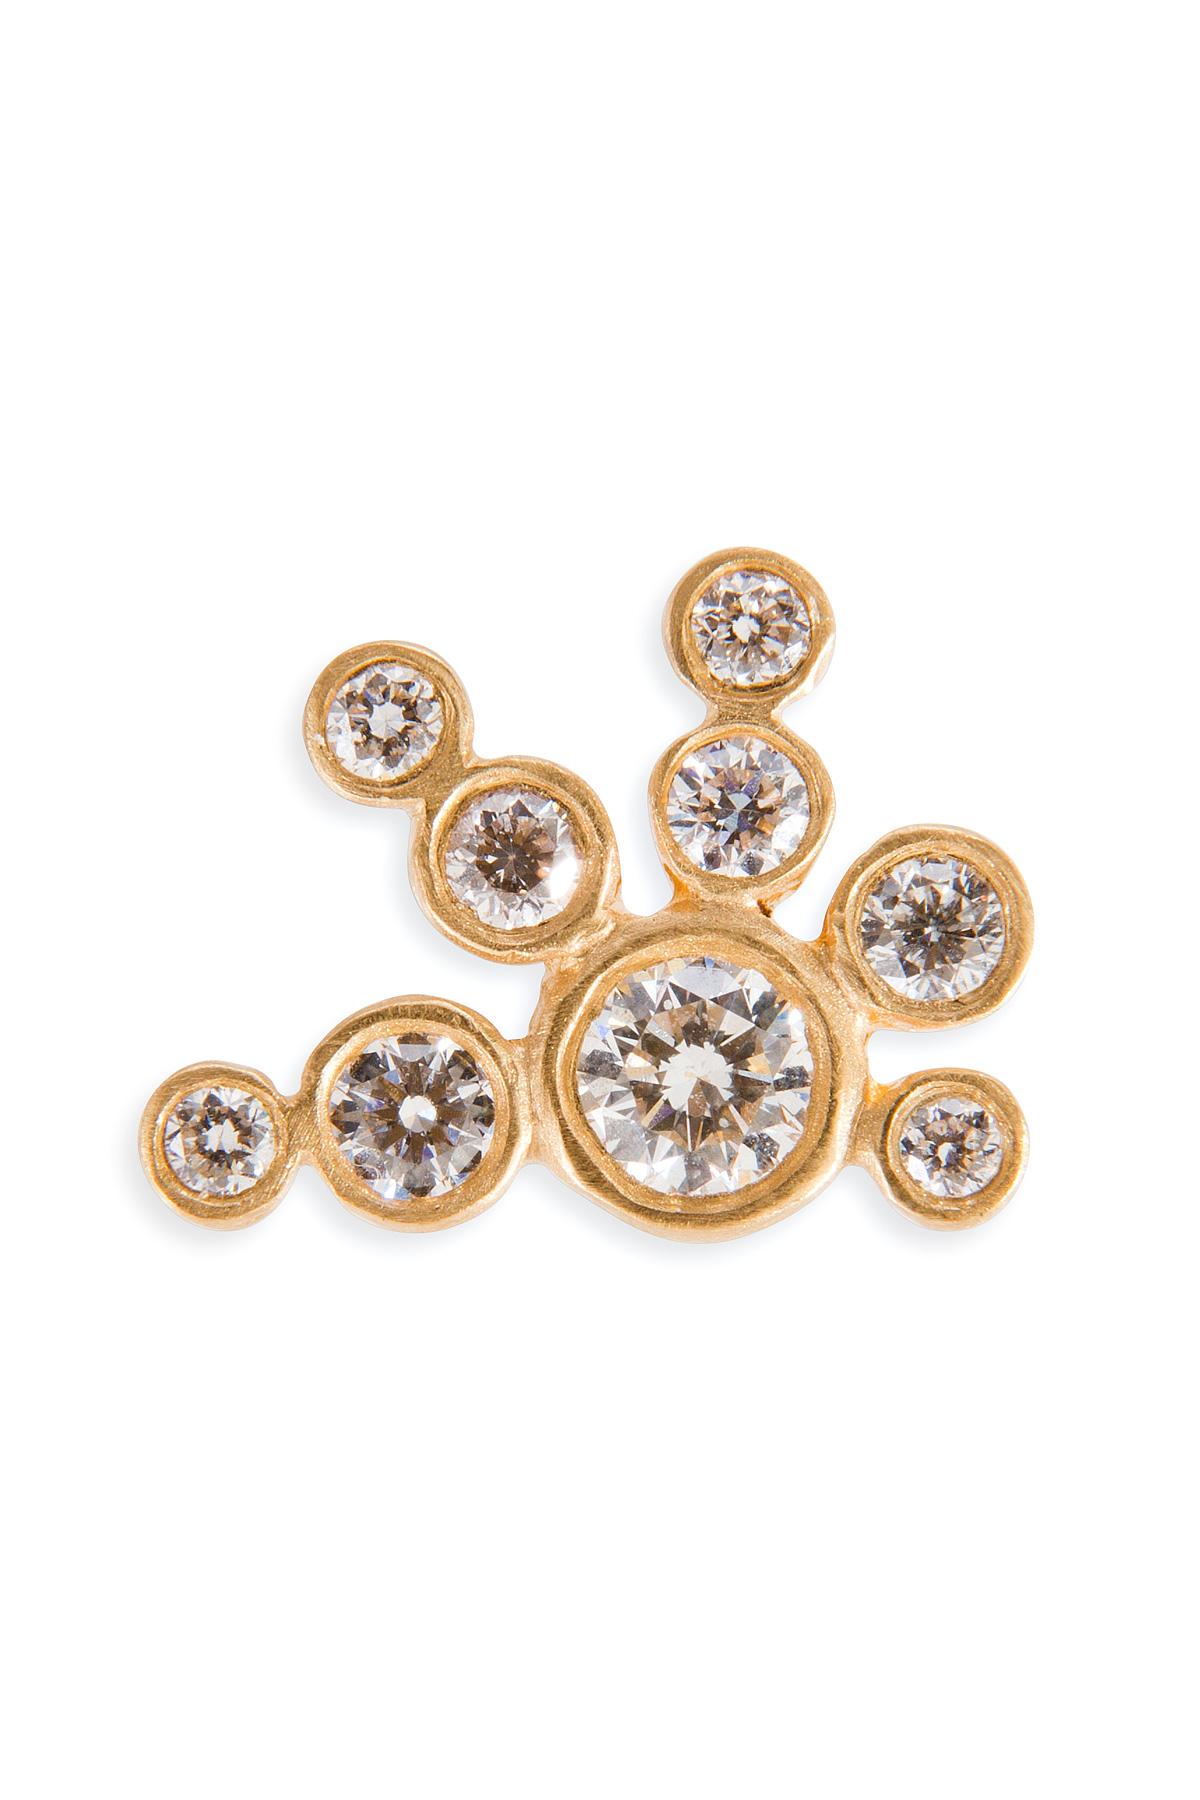 Sophie Bille Brahe 18kt gold earring with diamonds 8oTtxA7